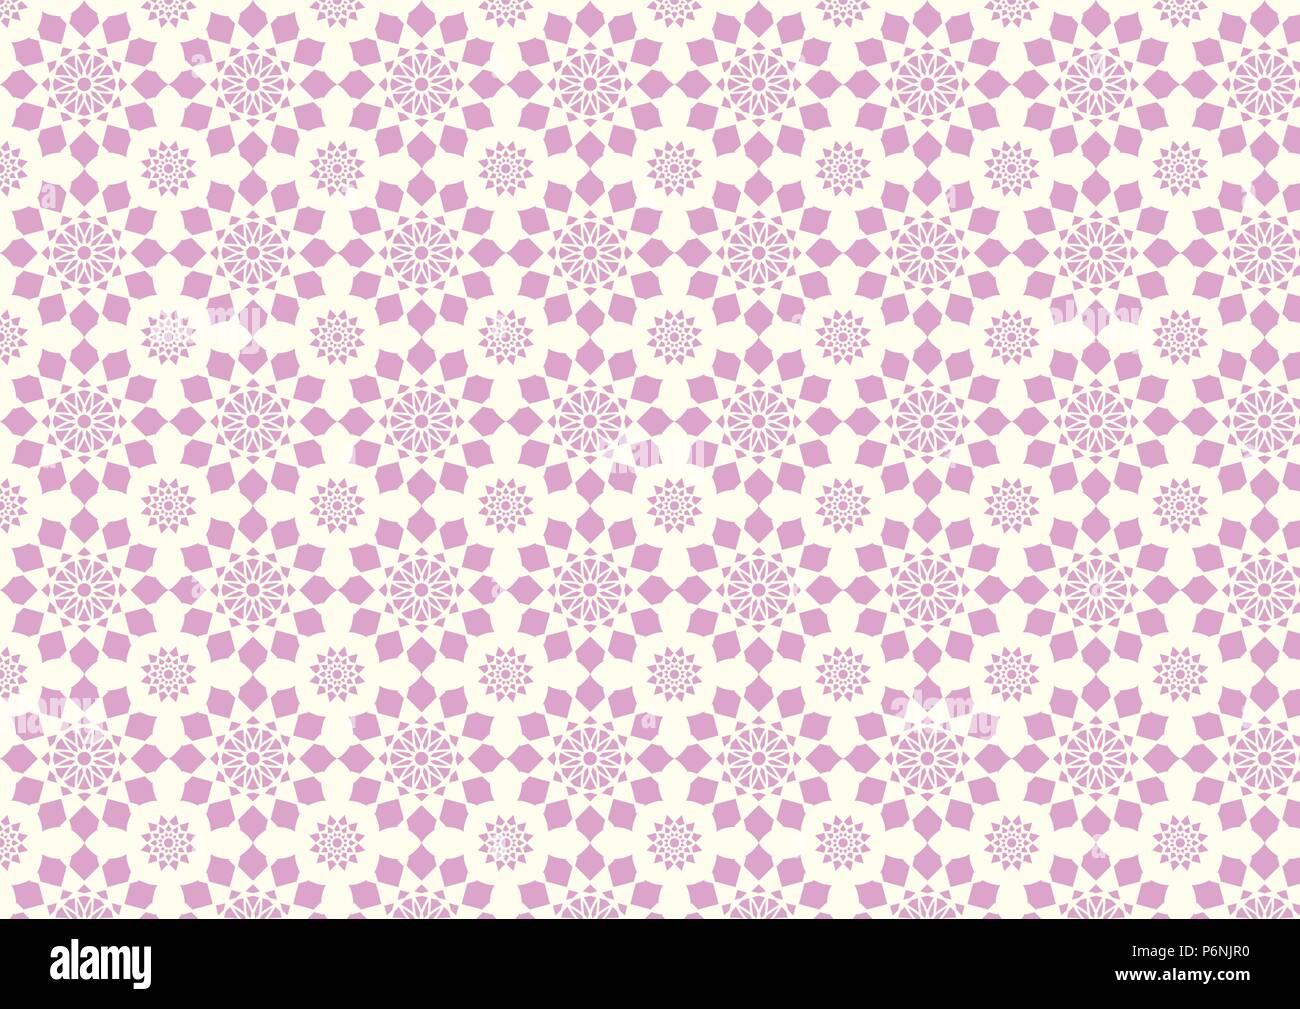 Süße rosa modernen Blumenmuster und kleinen Dorn. Hübschen Vintage Blüte Stil für Liebe und niedlichen Design. Stockbild